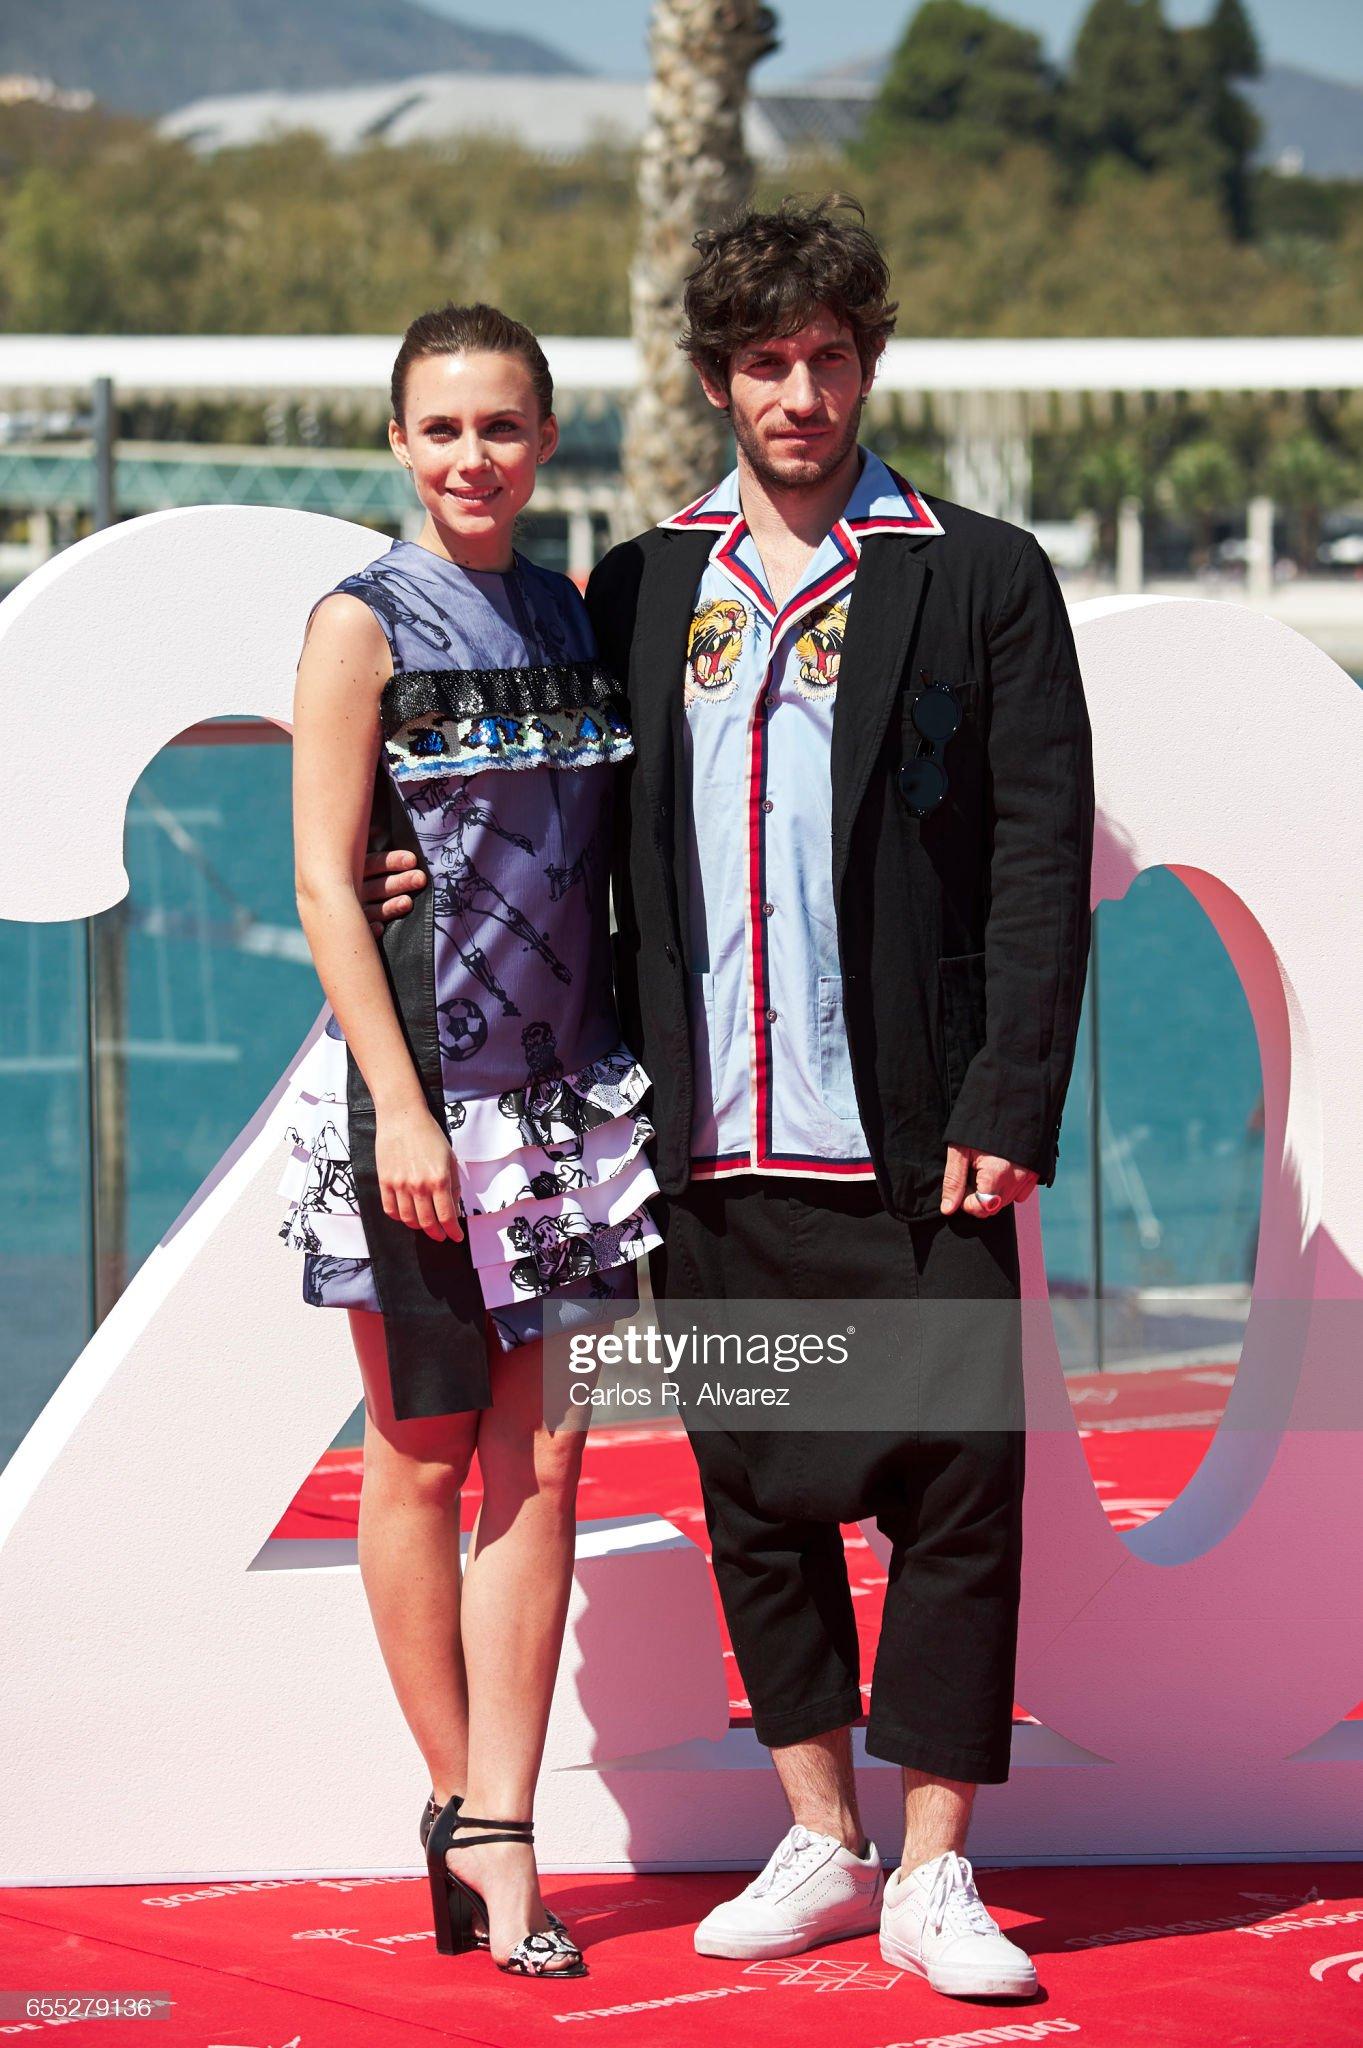 ¿Cuánto mide Aura Garrido? - Altura - Real Height Spanish-actress-aura-garrido-and-actor-quim-gutierrez-attend-la-y-la-picture-id655279136?s=2048x2048